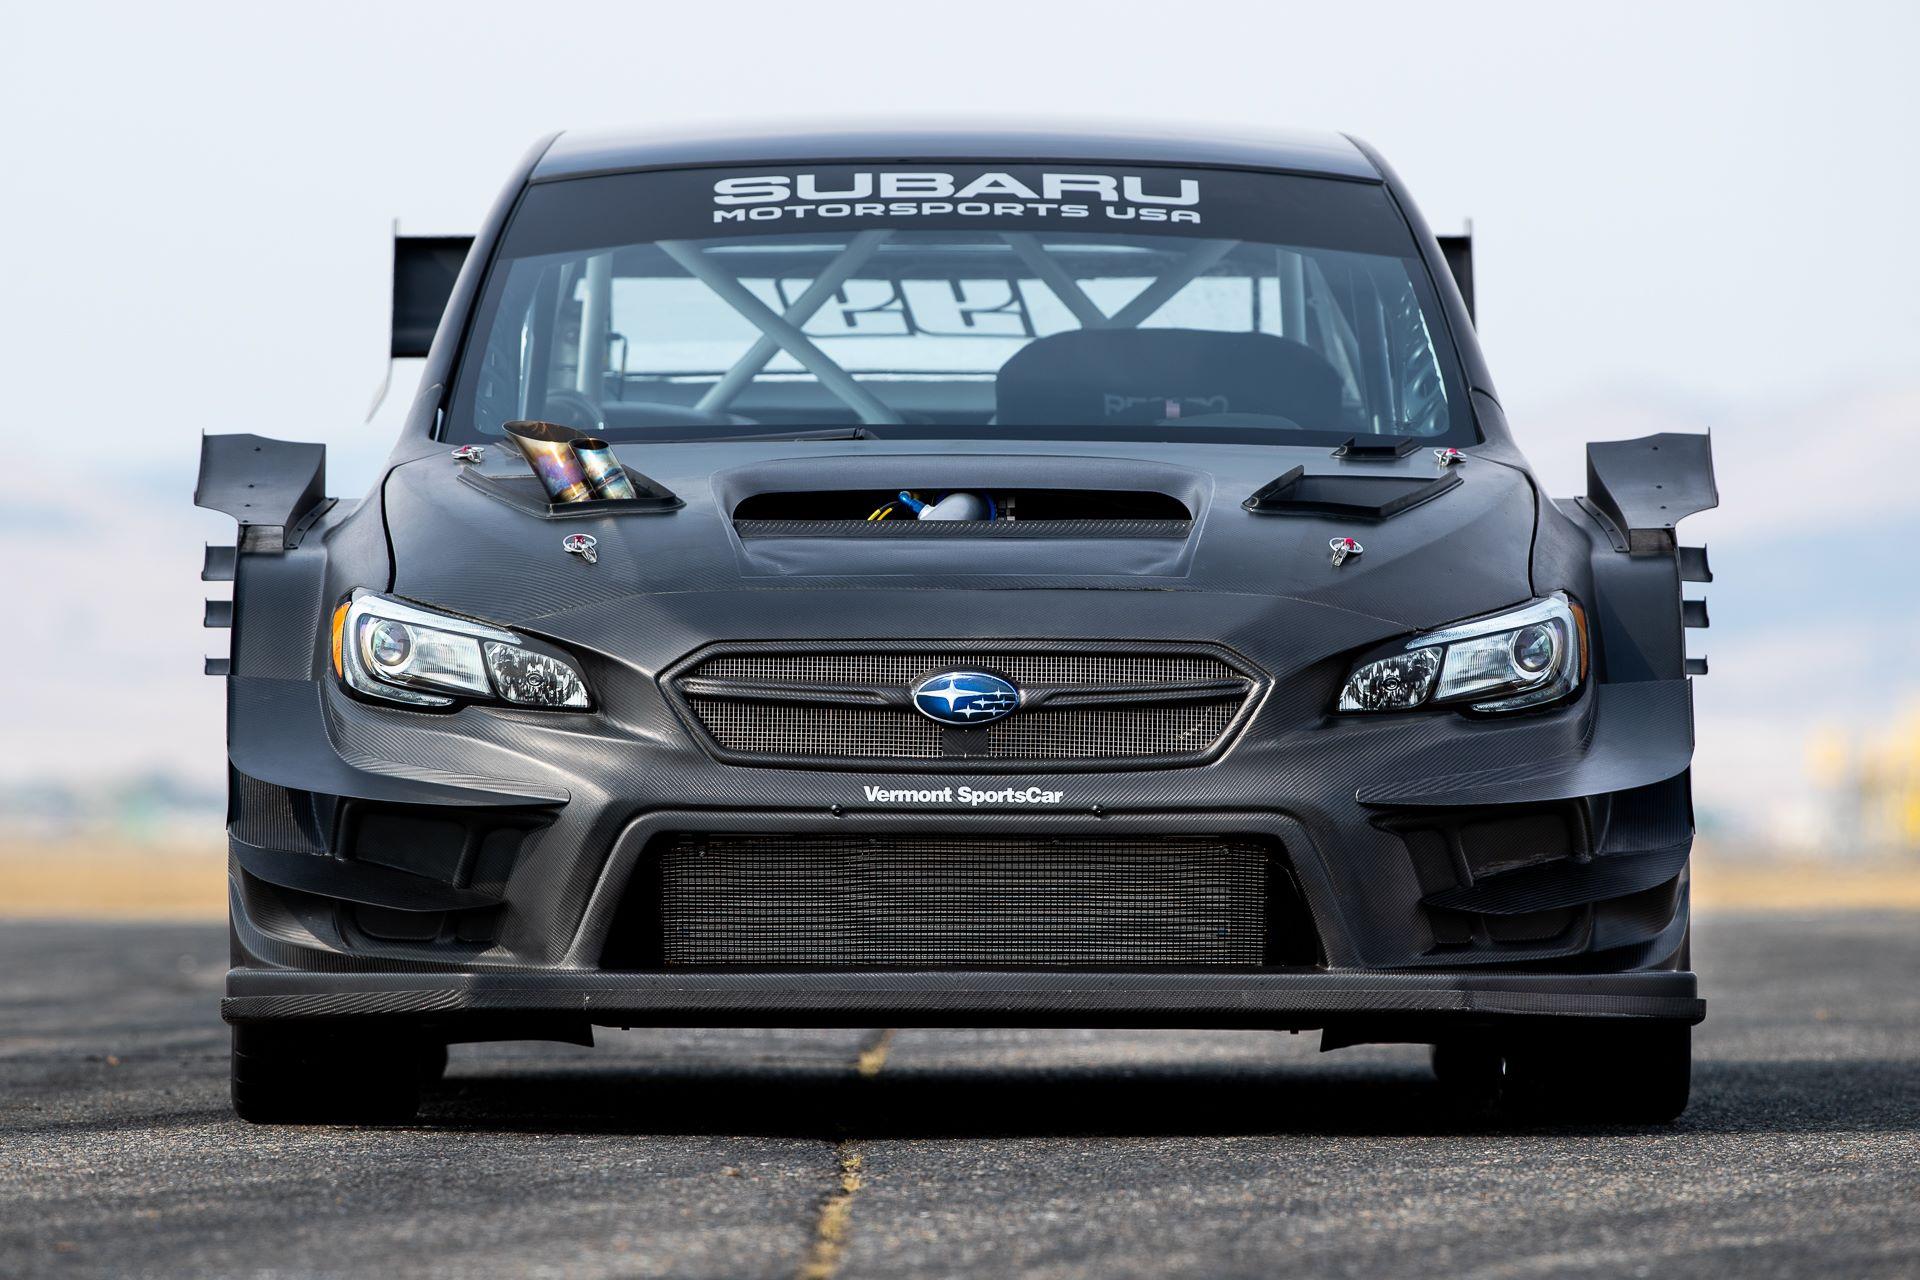 Subaru-WRX-STI-Gymkhana-11-5